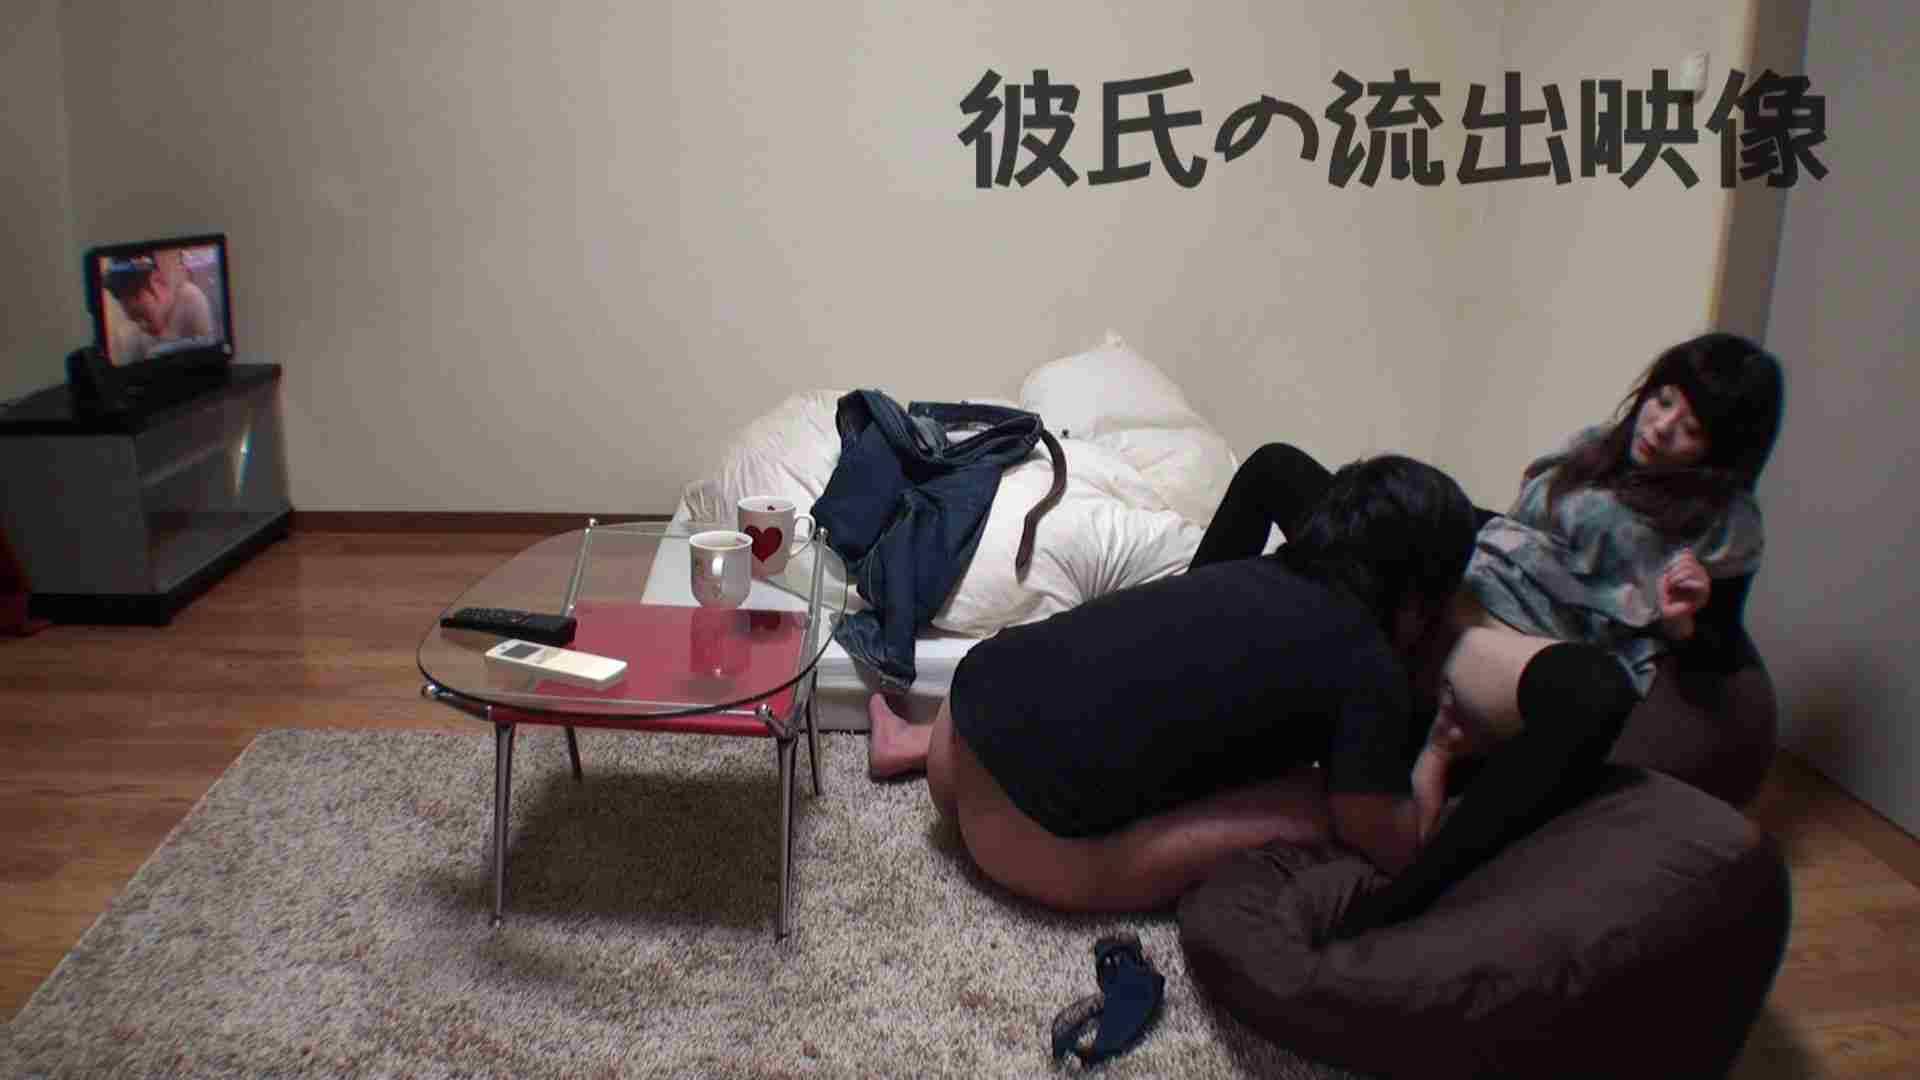 彼氏が流出 パイパン素人嬢のハメ撮り映像02 フェラ エロ画像 95枚 26